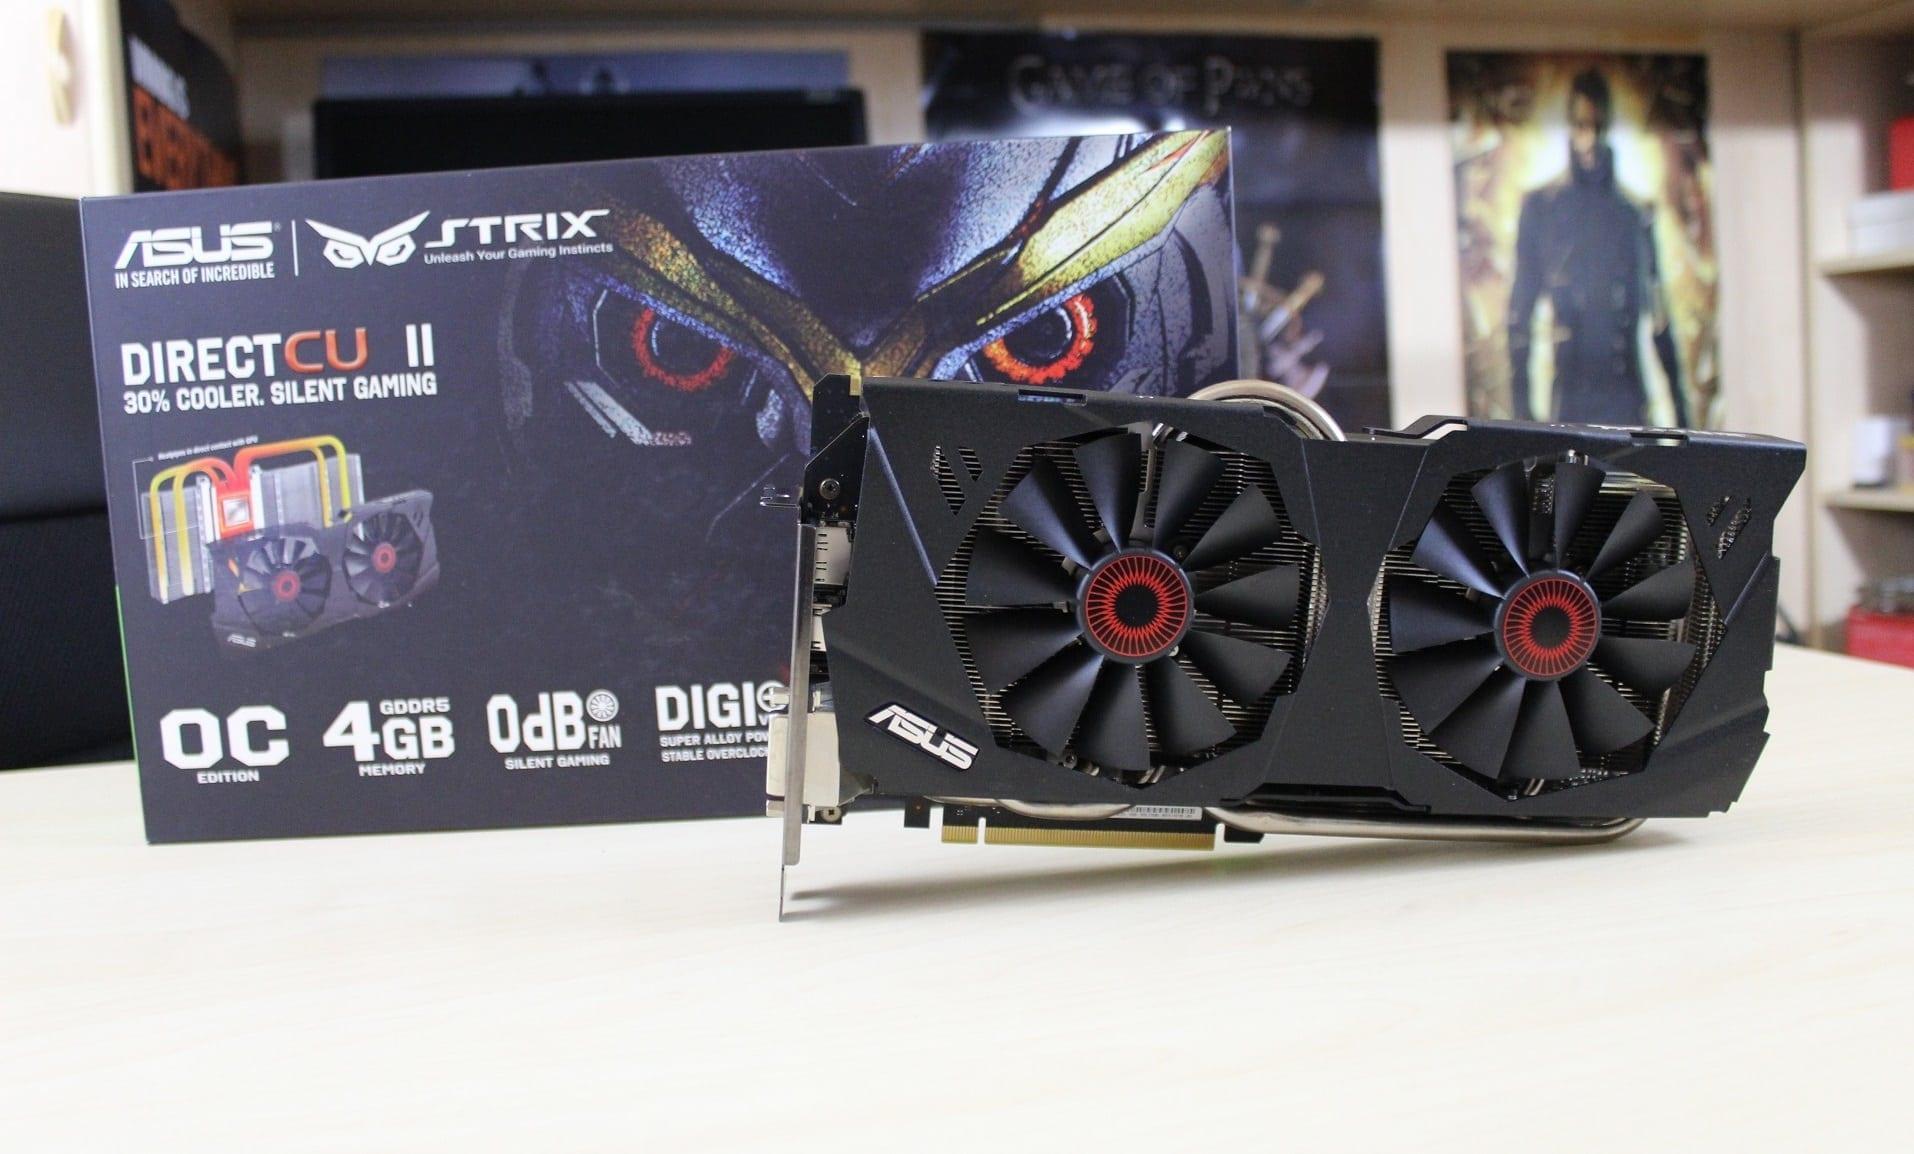 ASUS Strix GeForce GTX 980 - Recensione 12